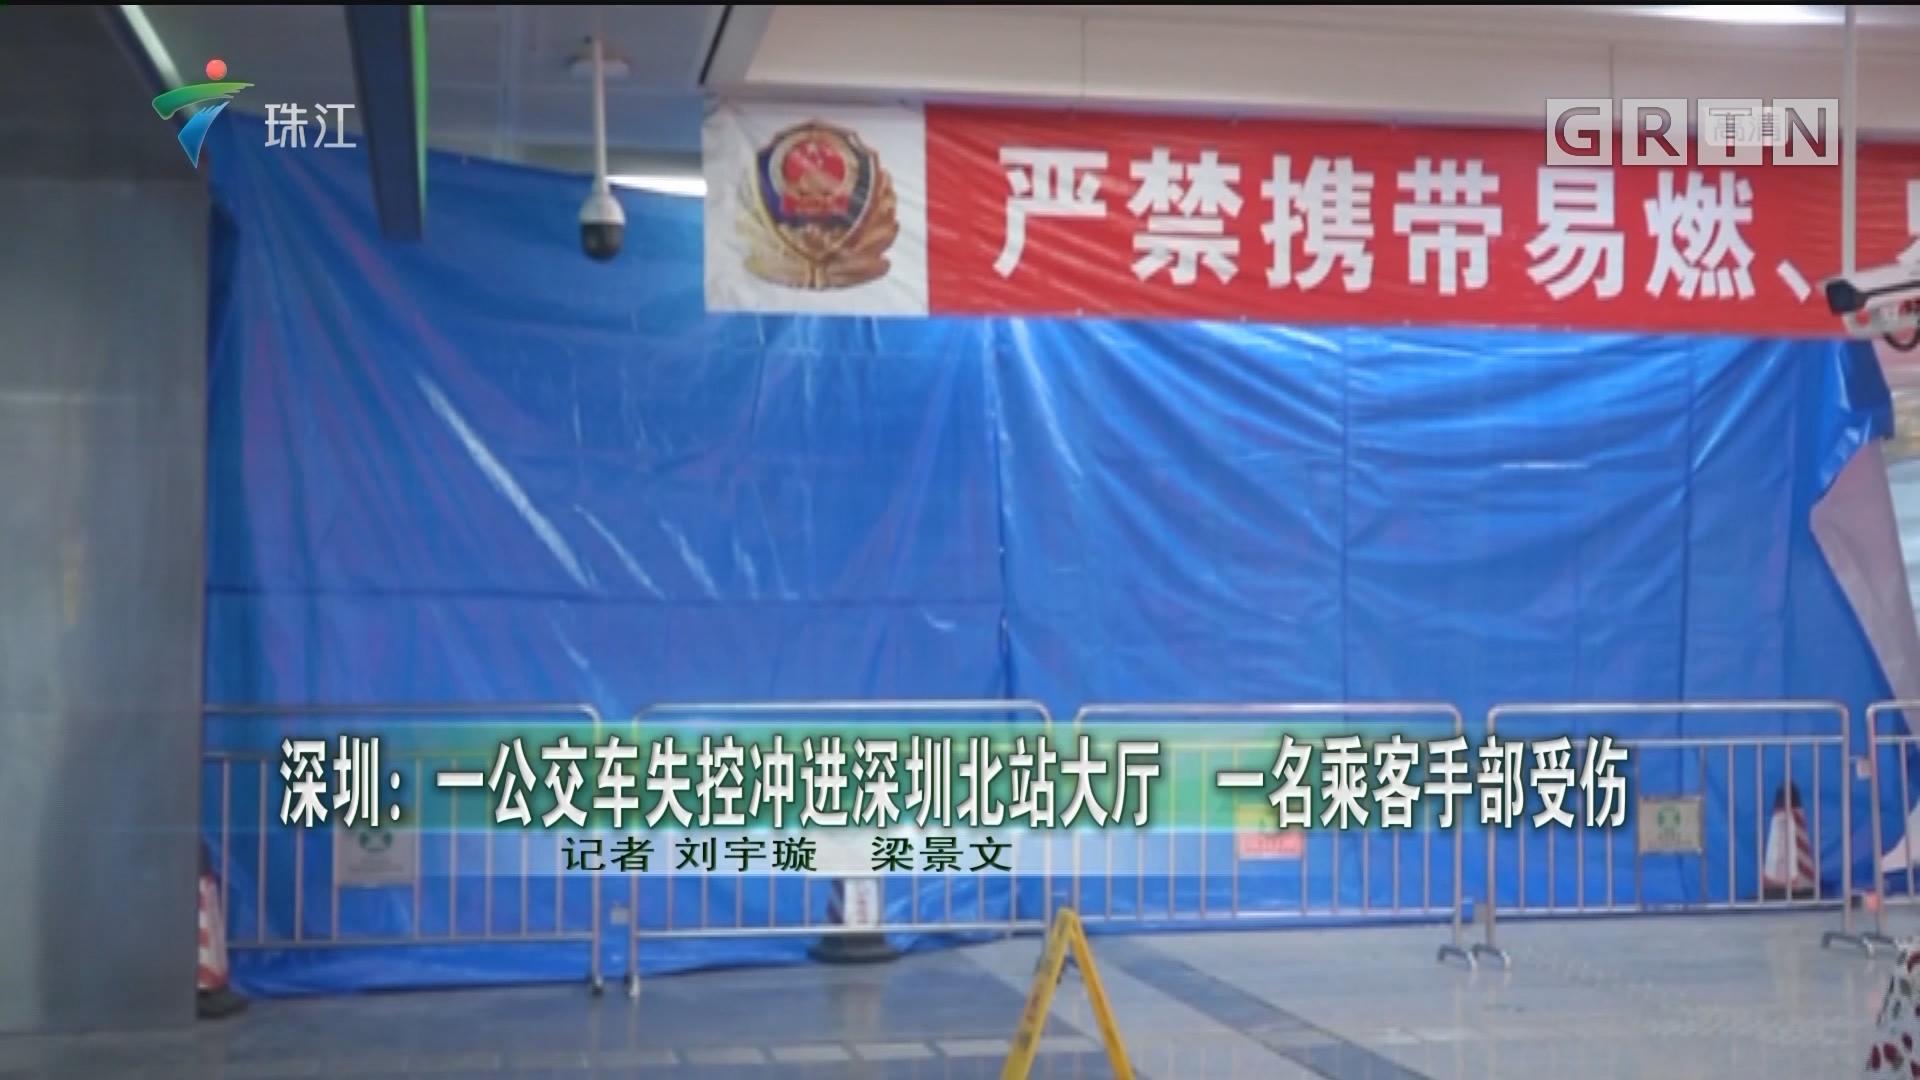 深圳:一公交车失控冲进深圳北站大厅 一名乘客手部受伤